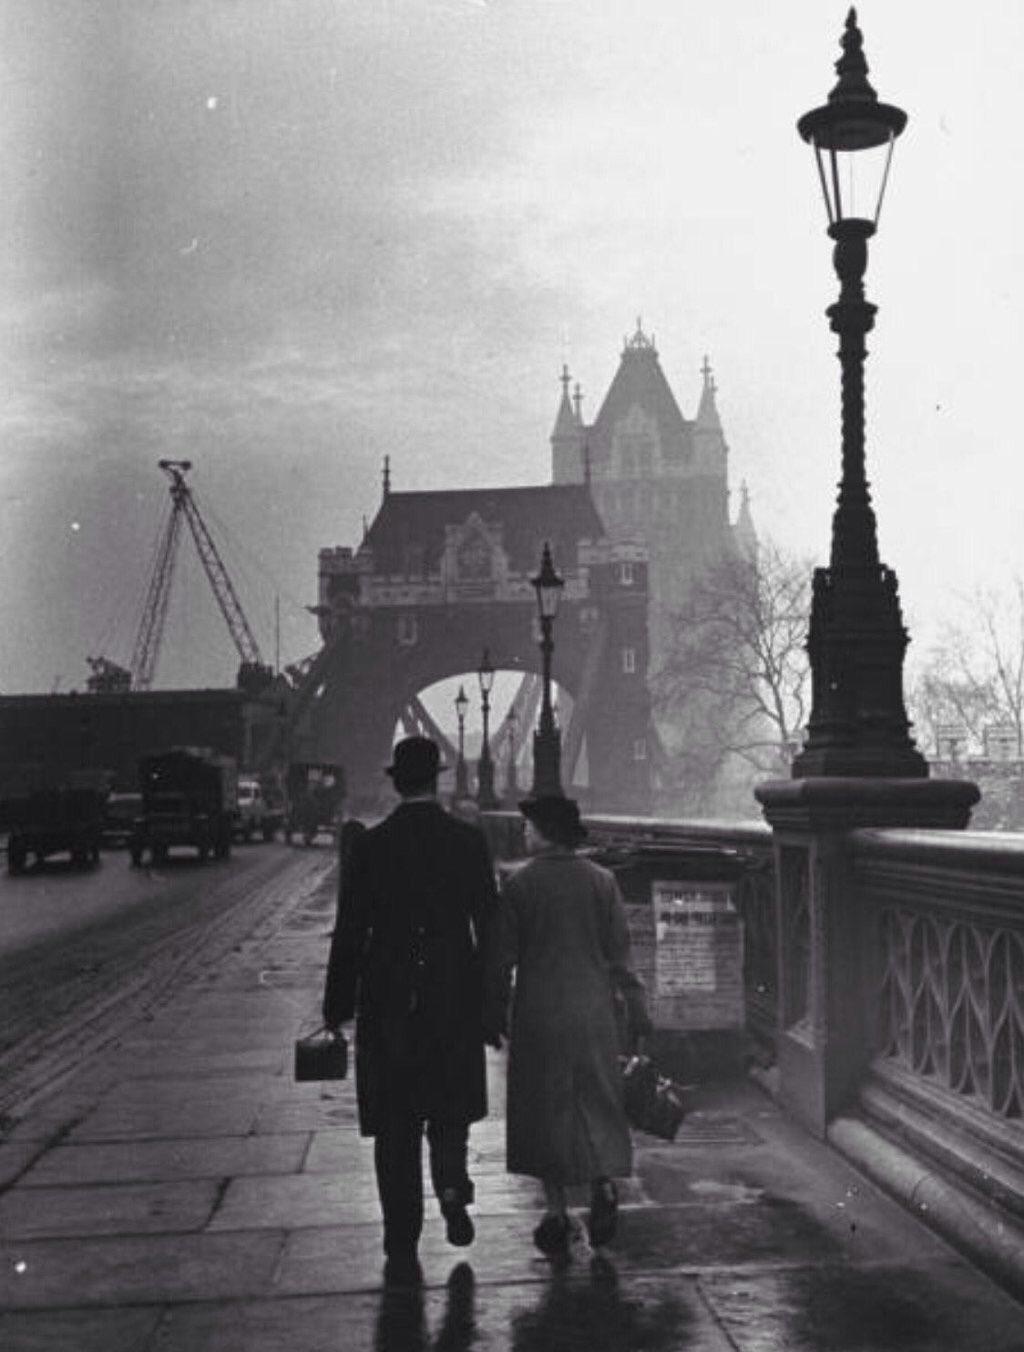 London in 1939